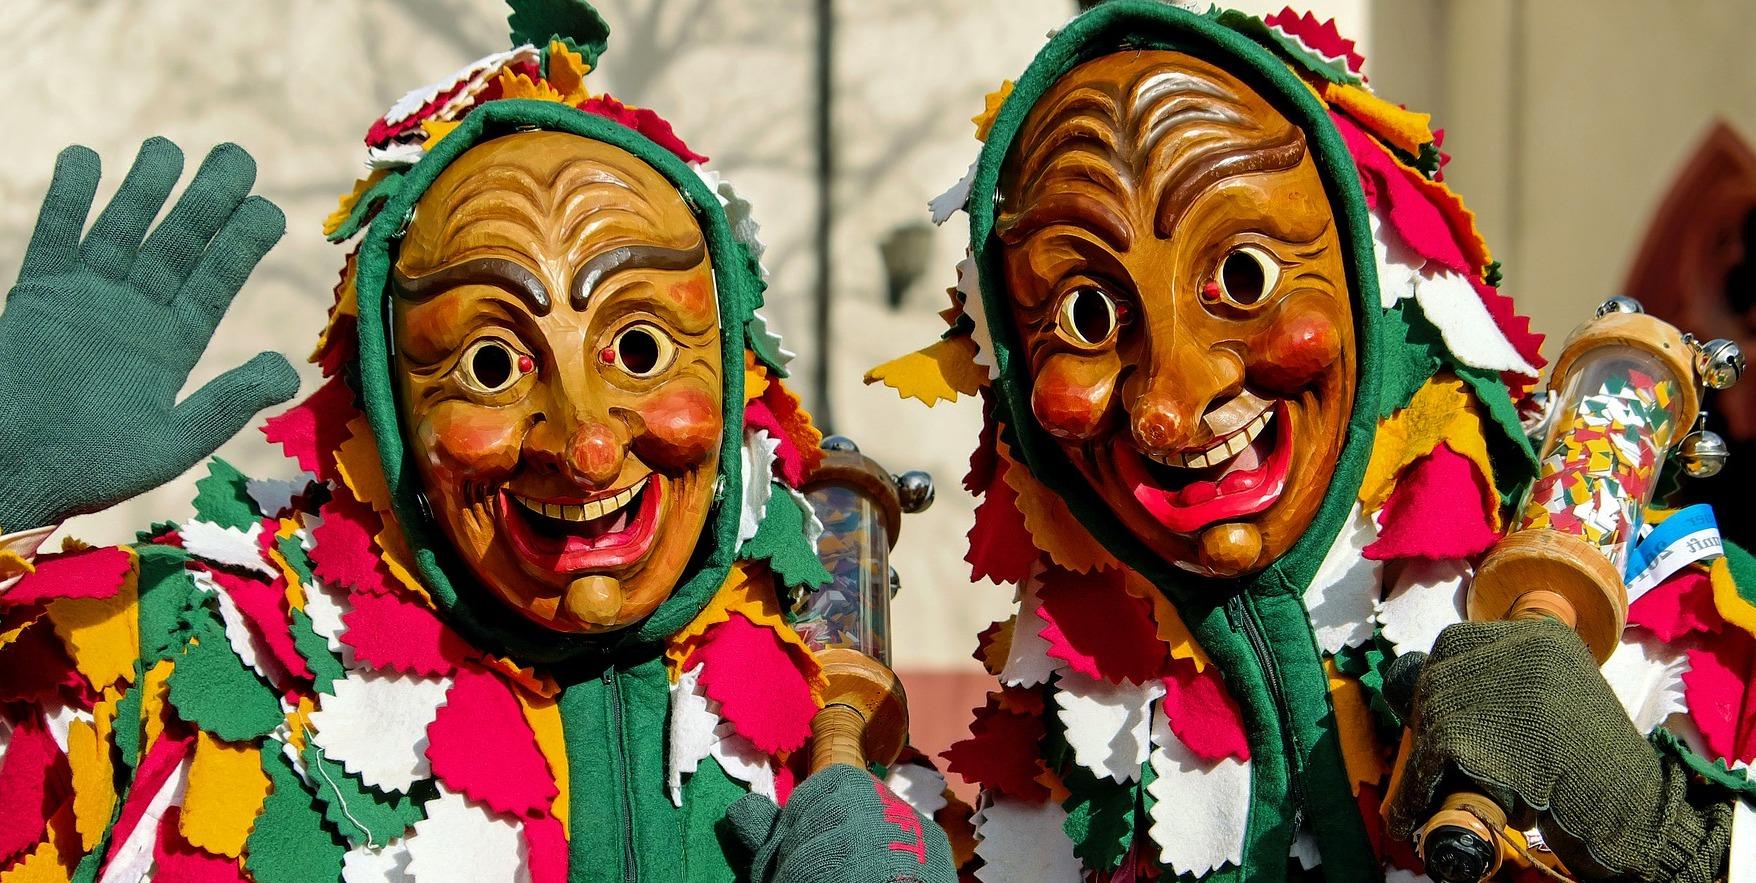 Acht tips om schade en gezeur te voorkomen tijdens carnaval